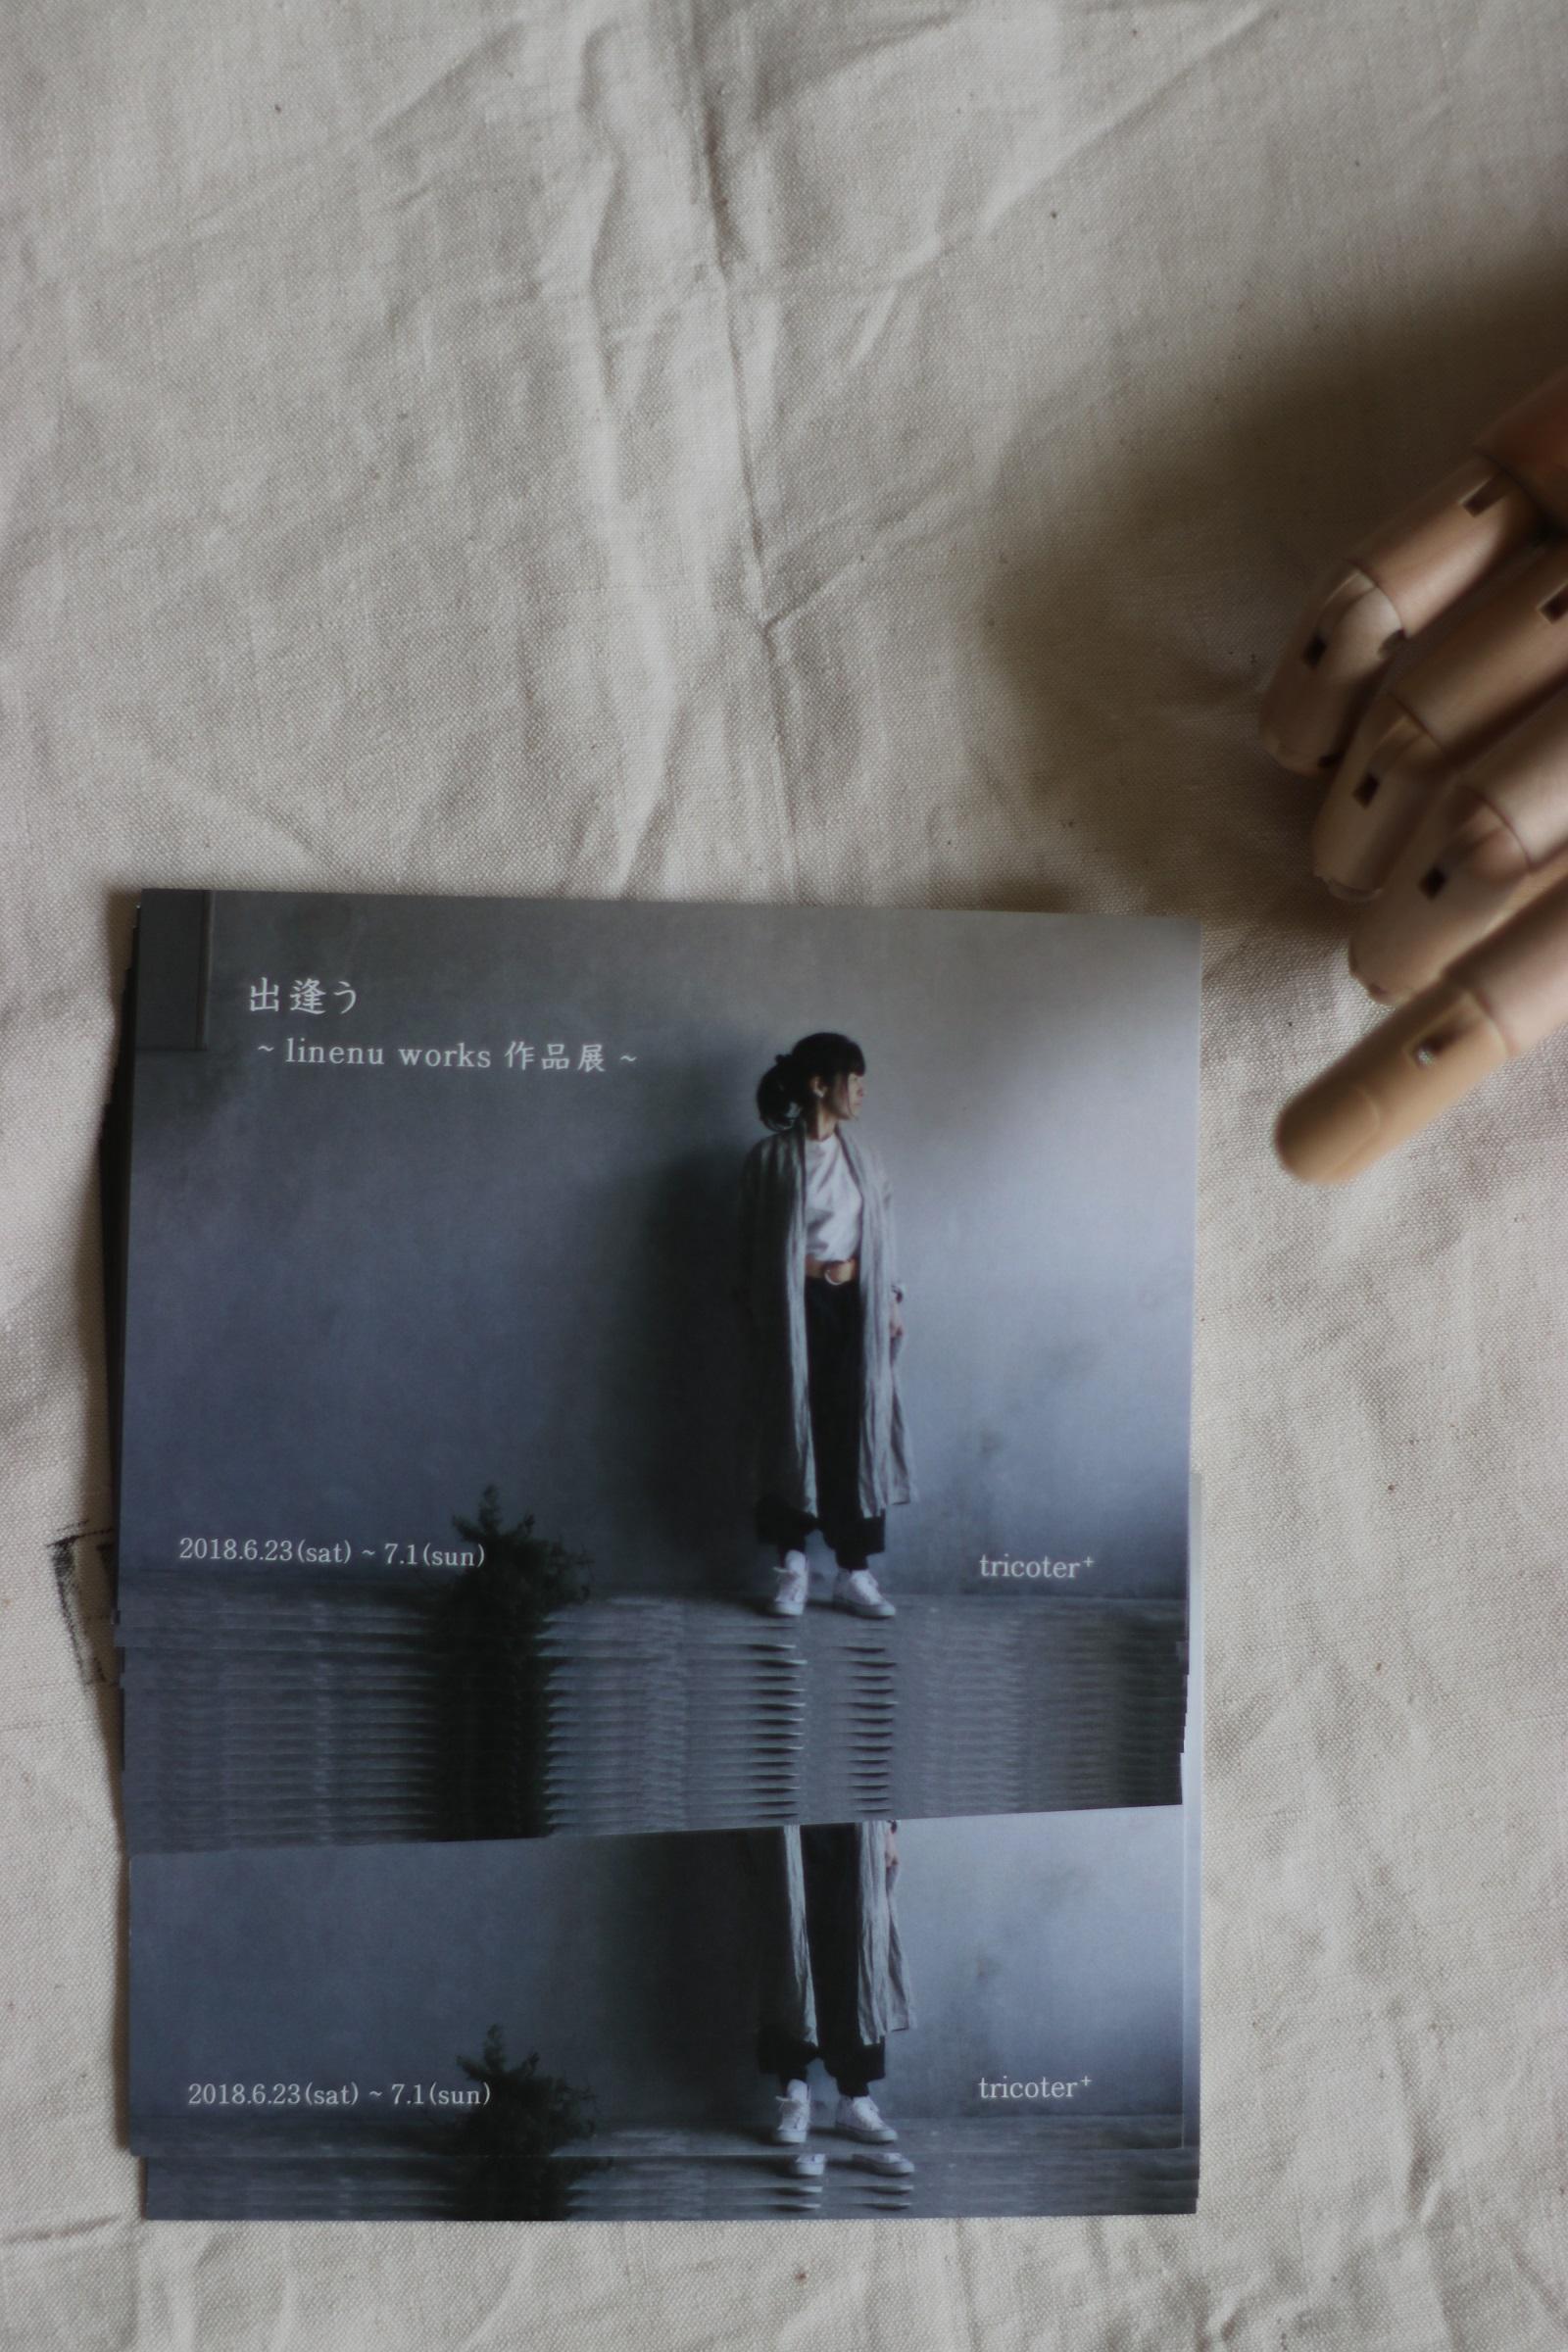 出逢う~linenu works作品展~ tricoter/広島福山